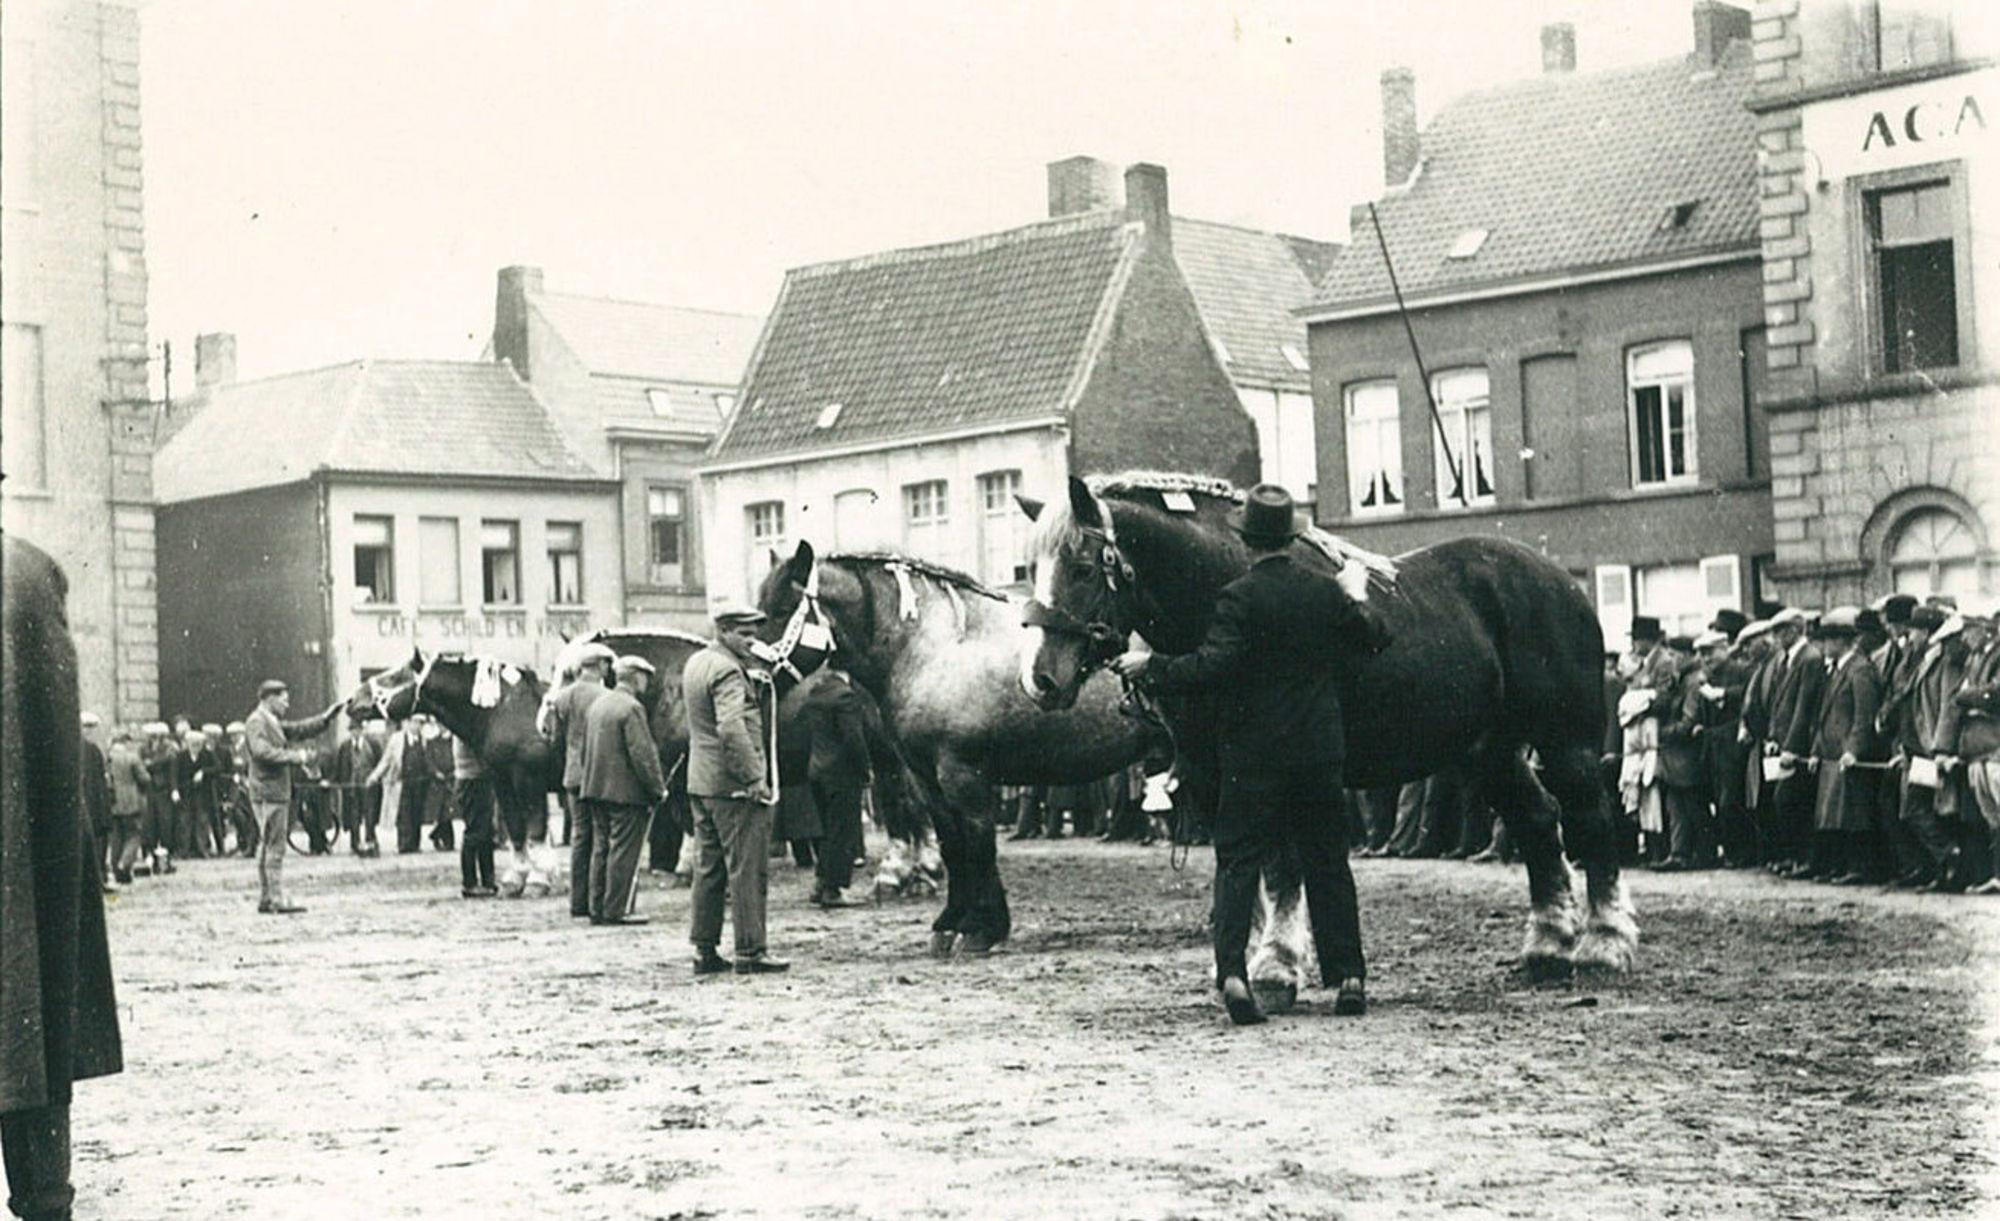 Paardenmarkt op de Houtmarkt in 1935